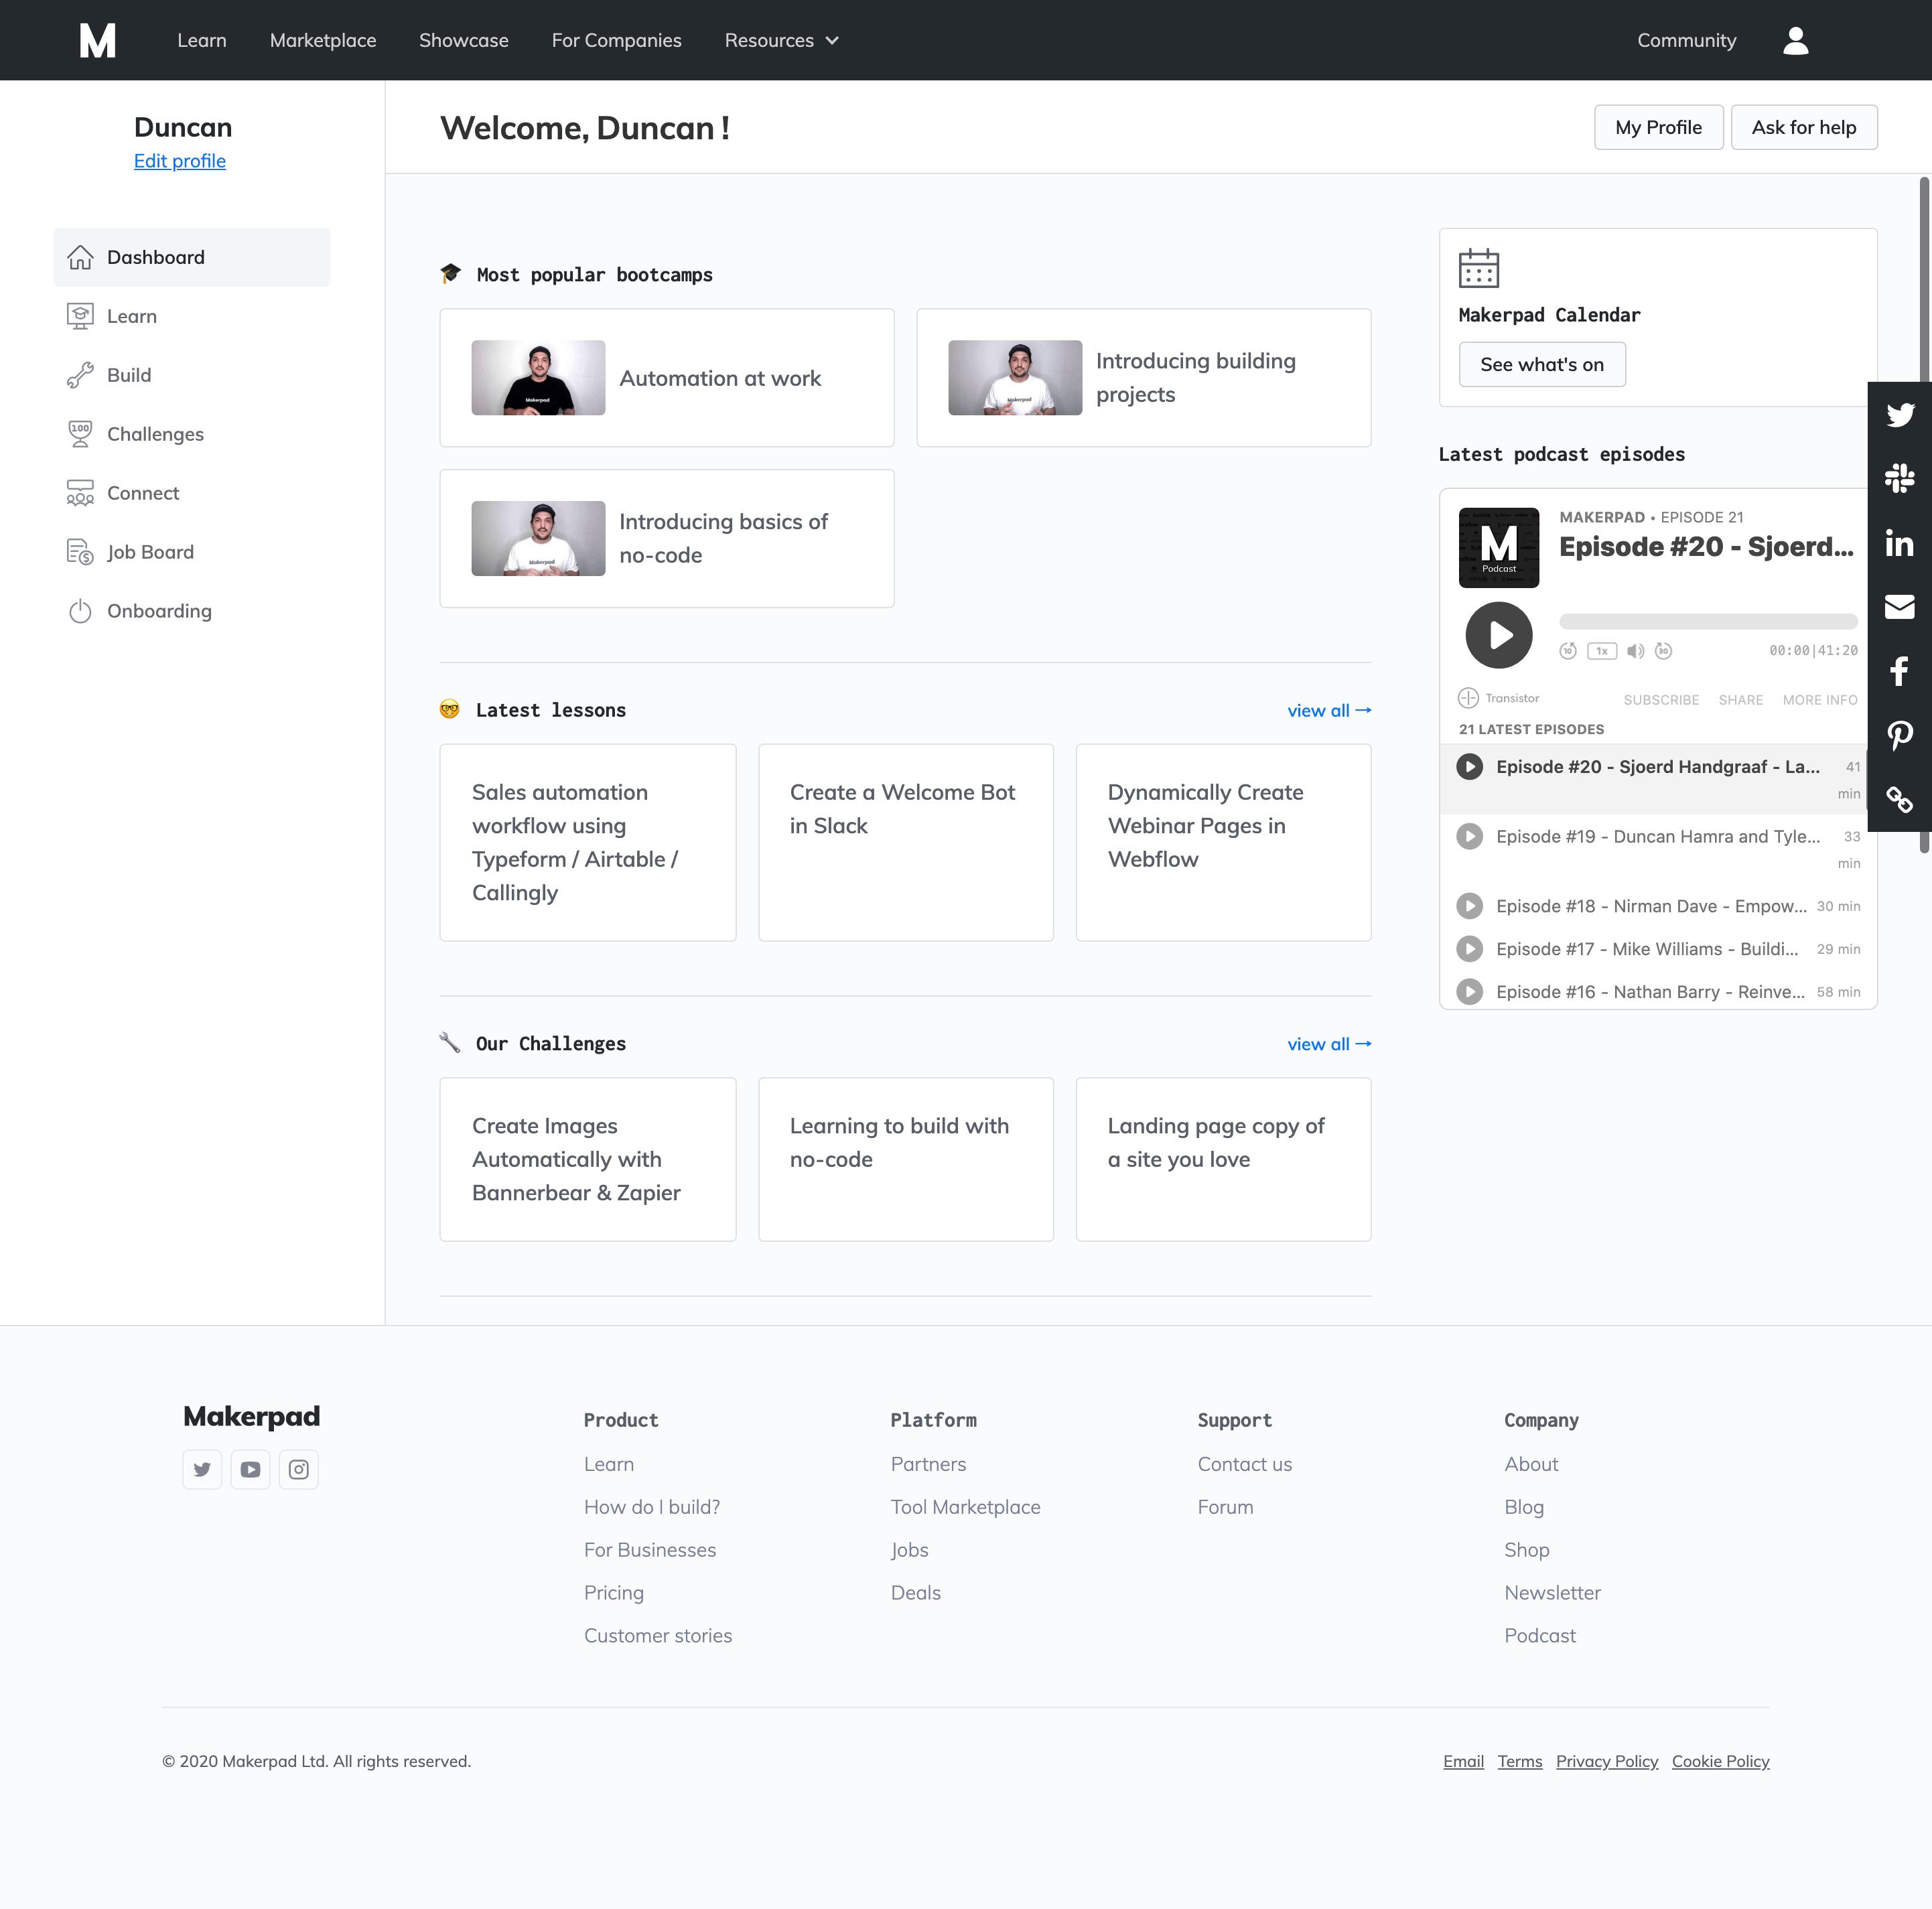 Makerpad Dashboard